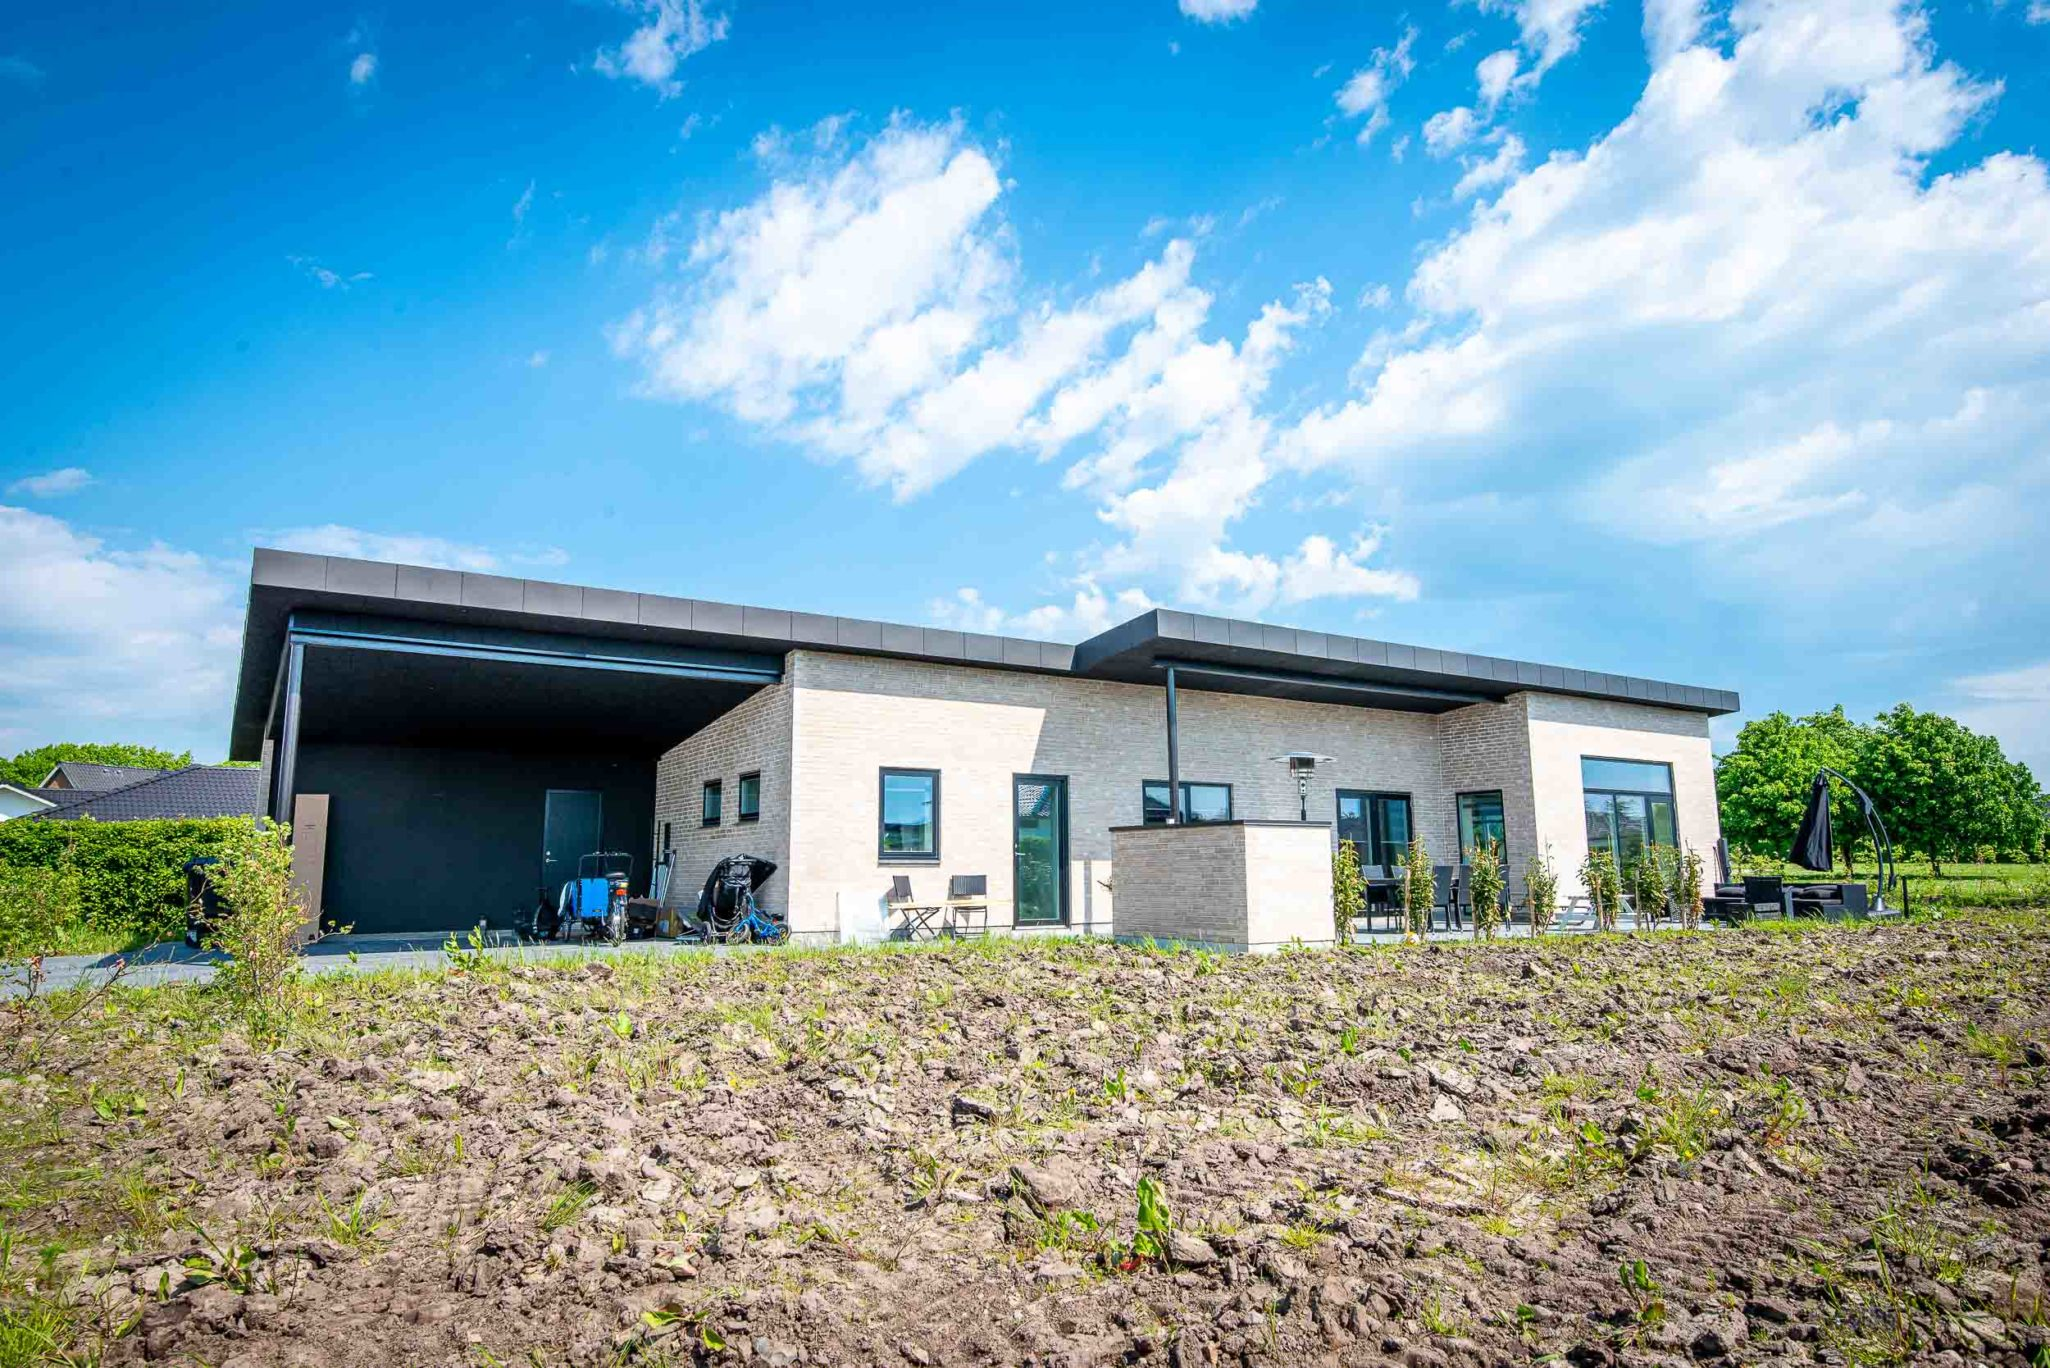 Arkitekttegnet hus i Rødding